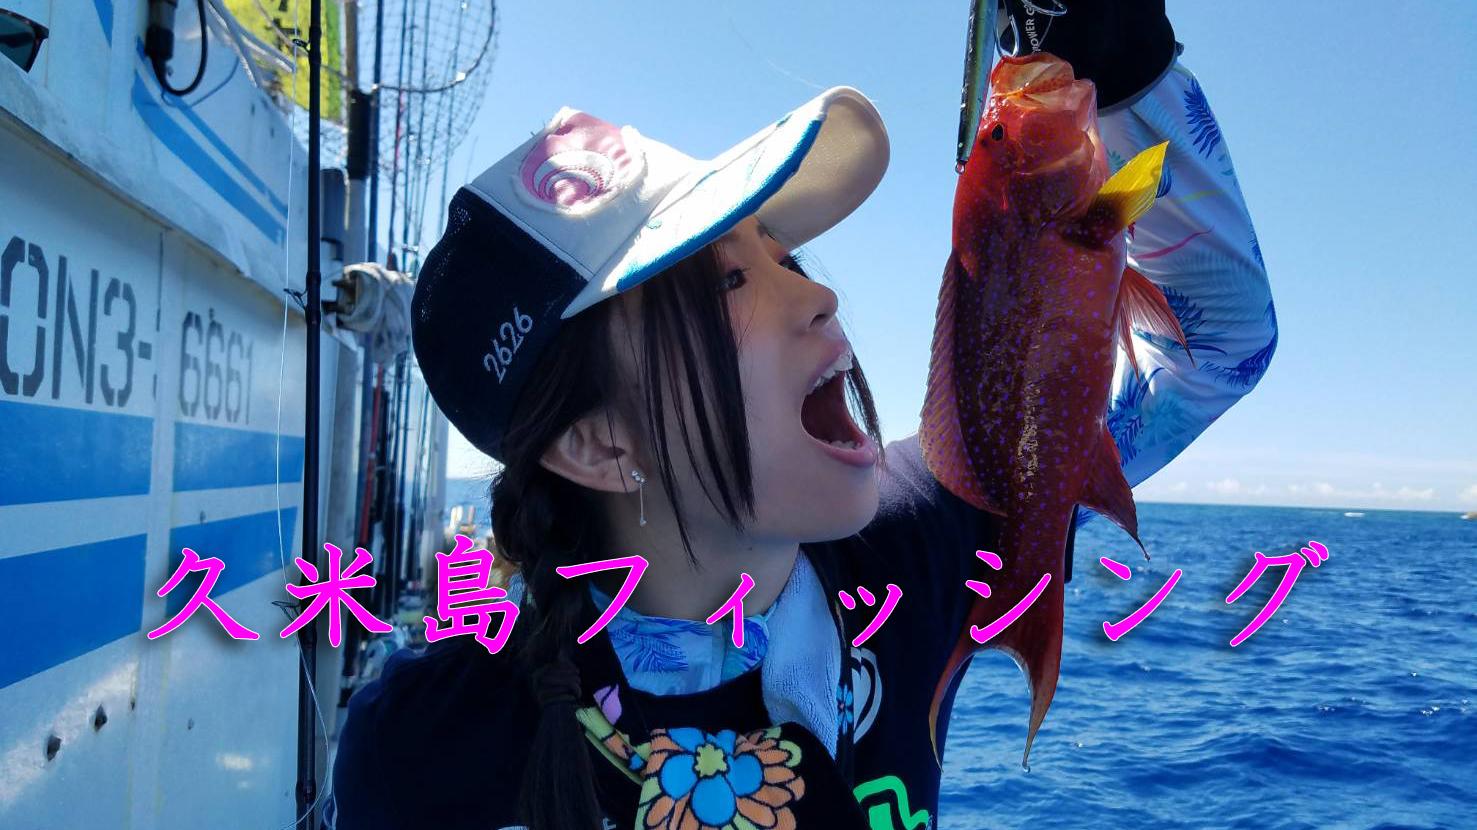 マグロ釣 久米島パヤオ fishing のサムネイル